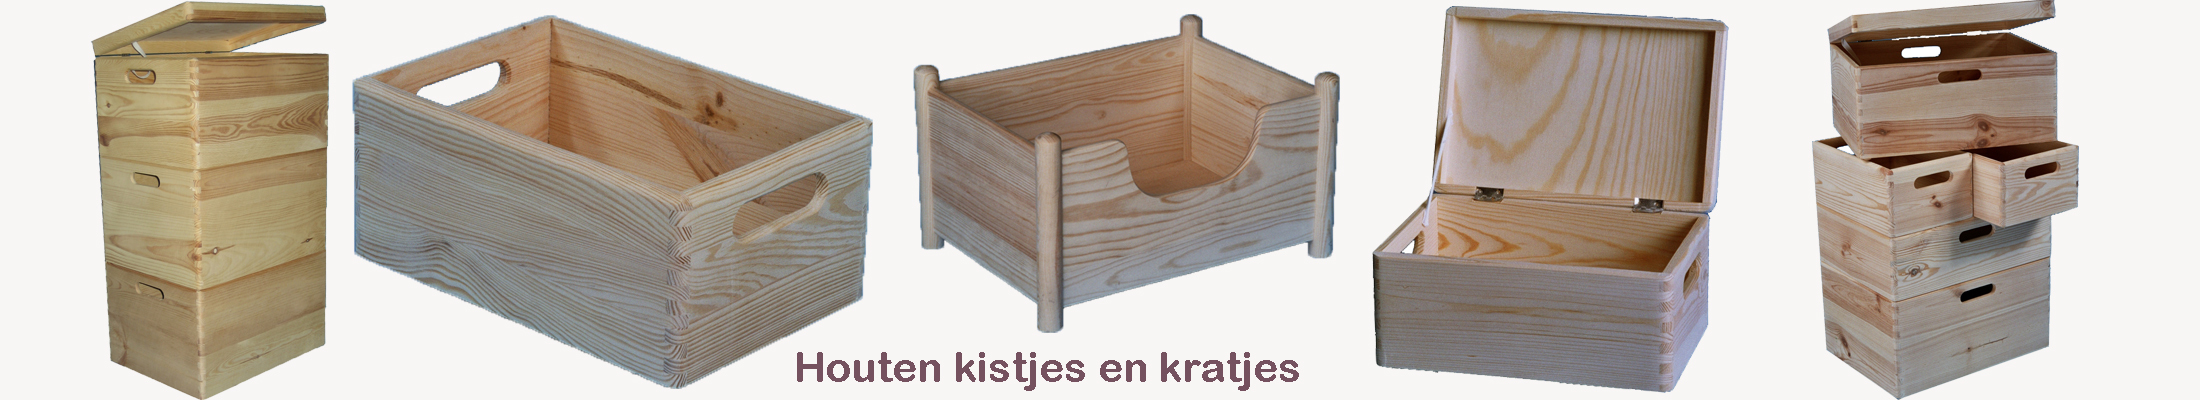 Houten kistjes en houten kratjes